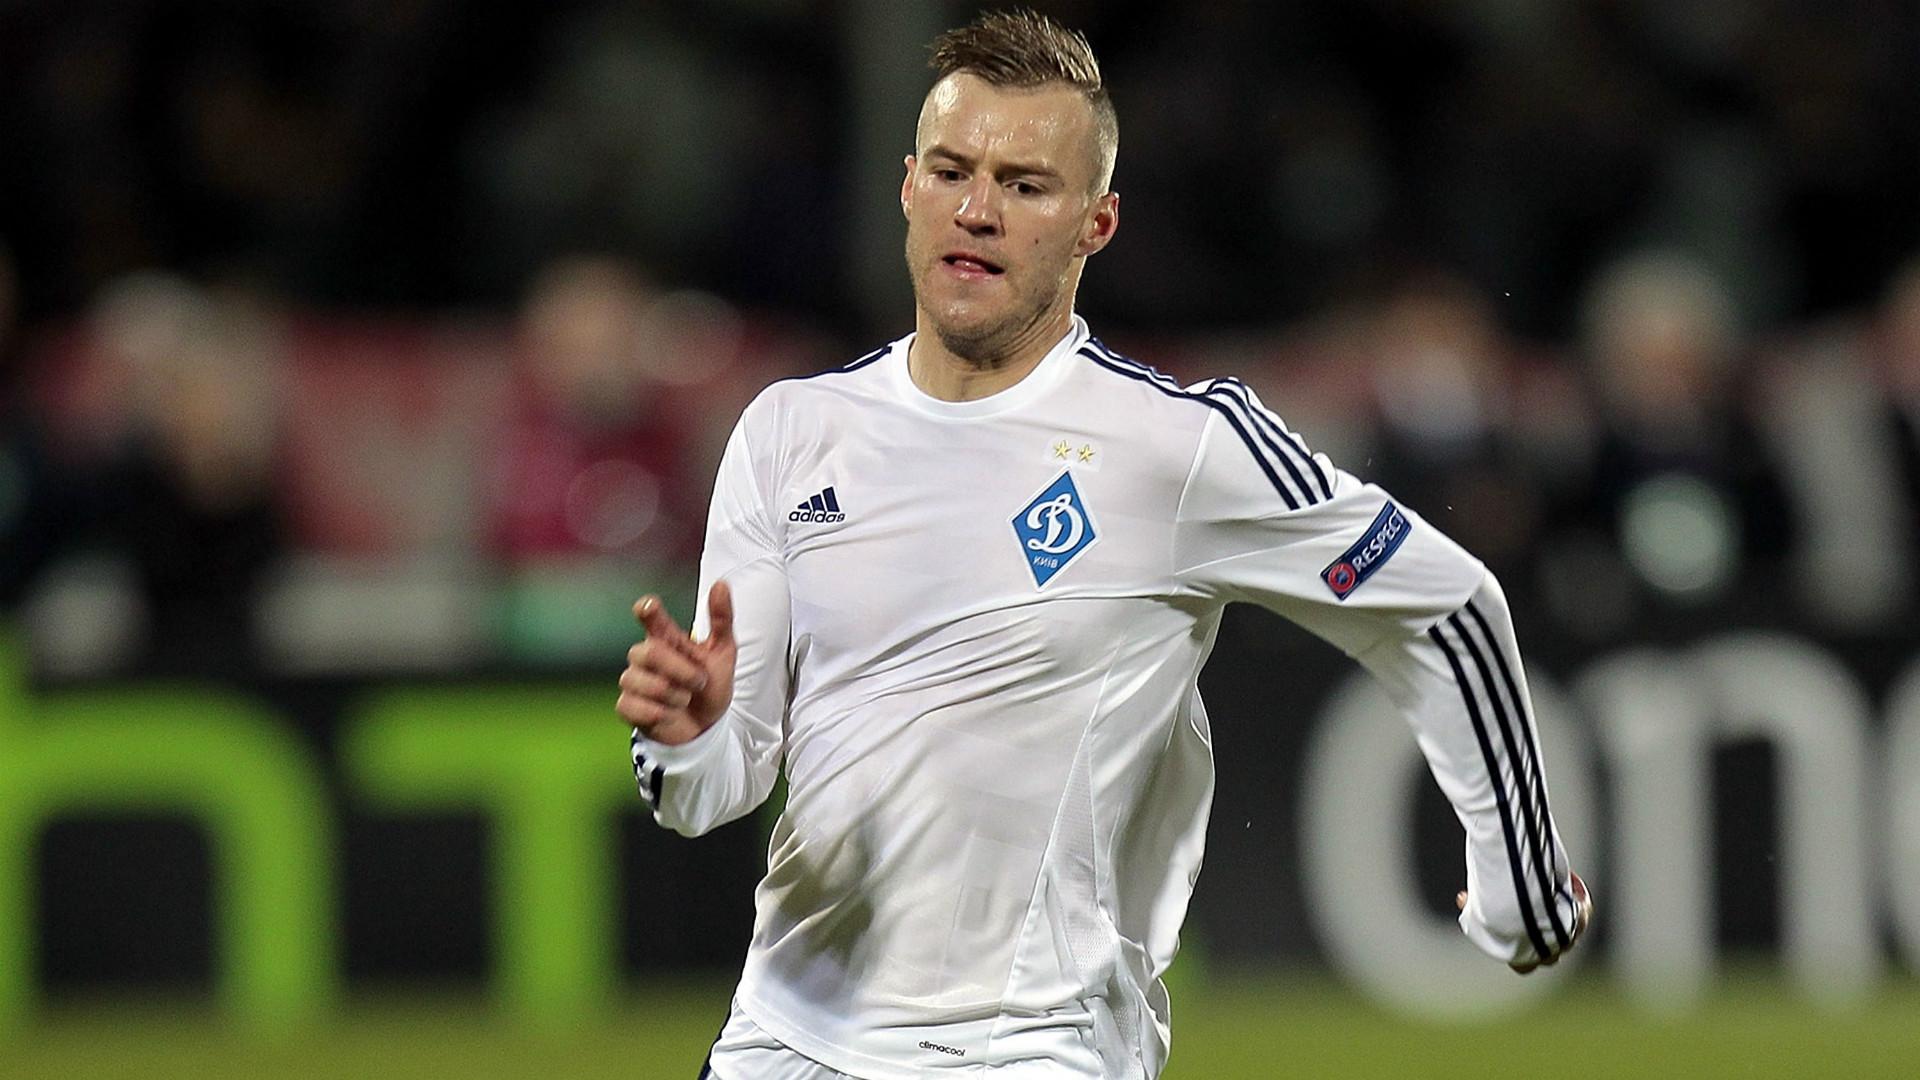 andriy-yarmolenko-dynamo-kiev-europa-league_1b2j3mvh7rh0w1lrperd33mn0z